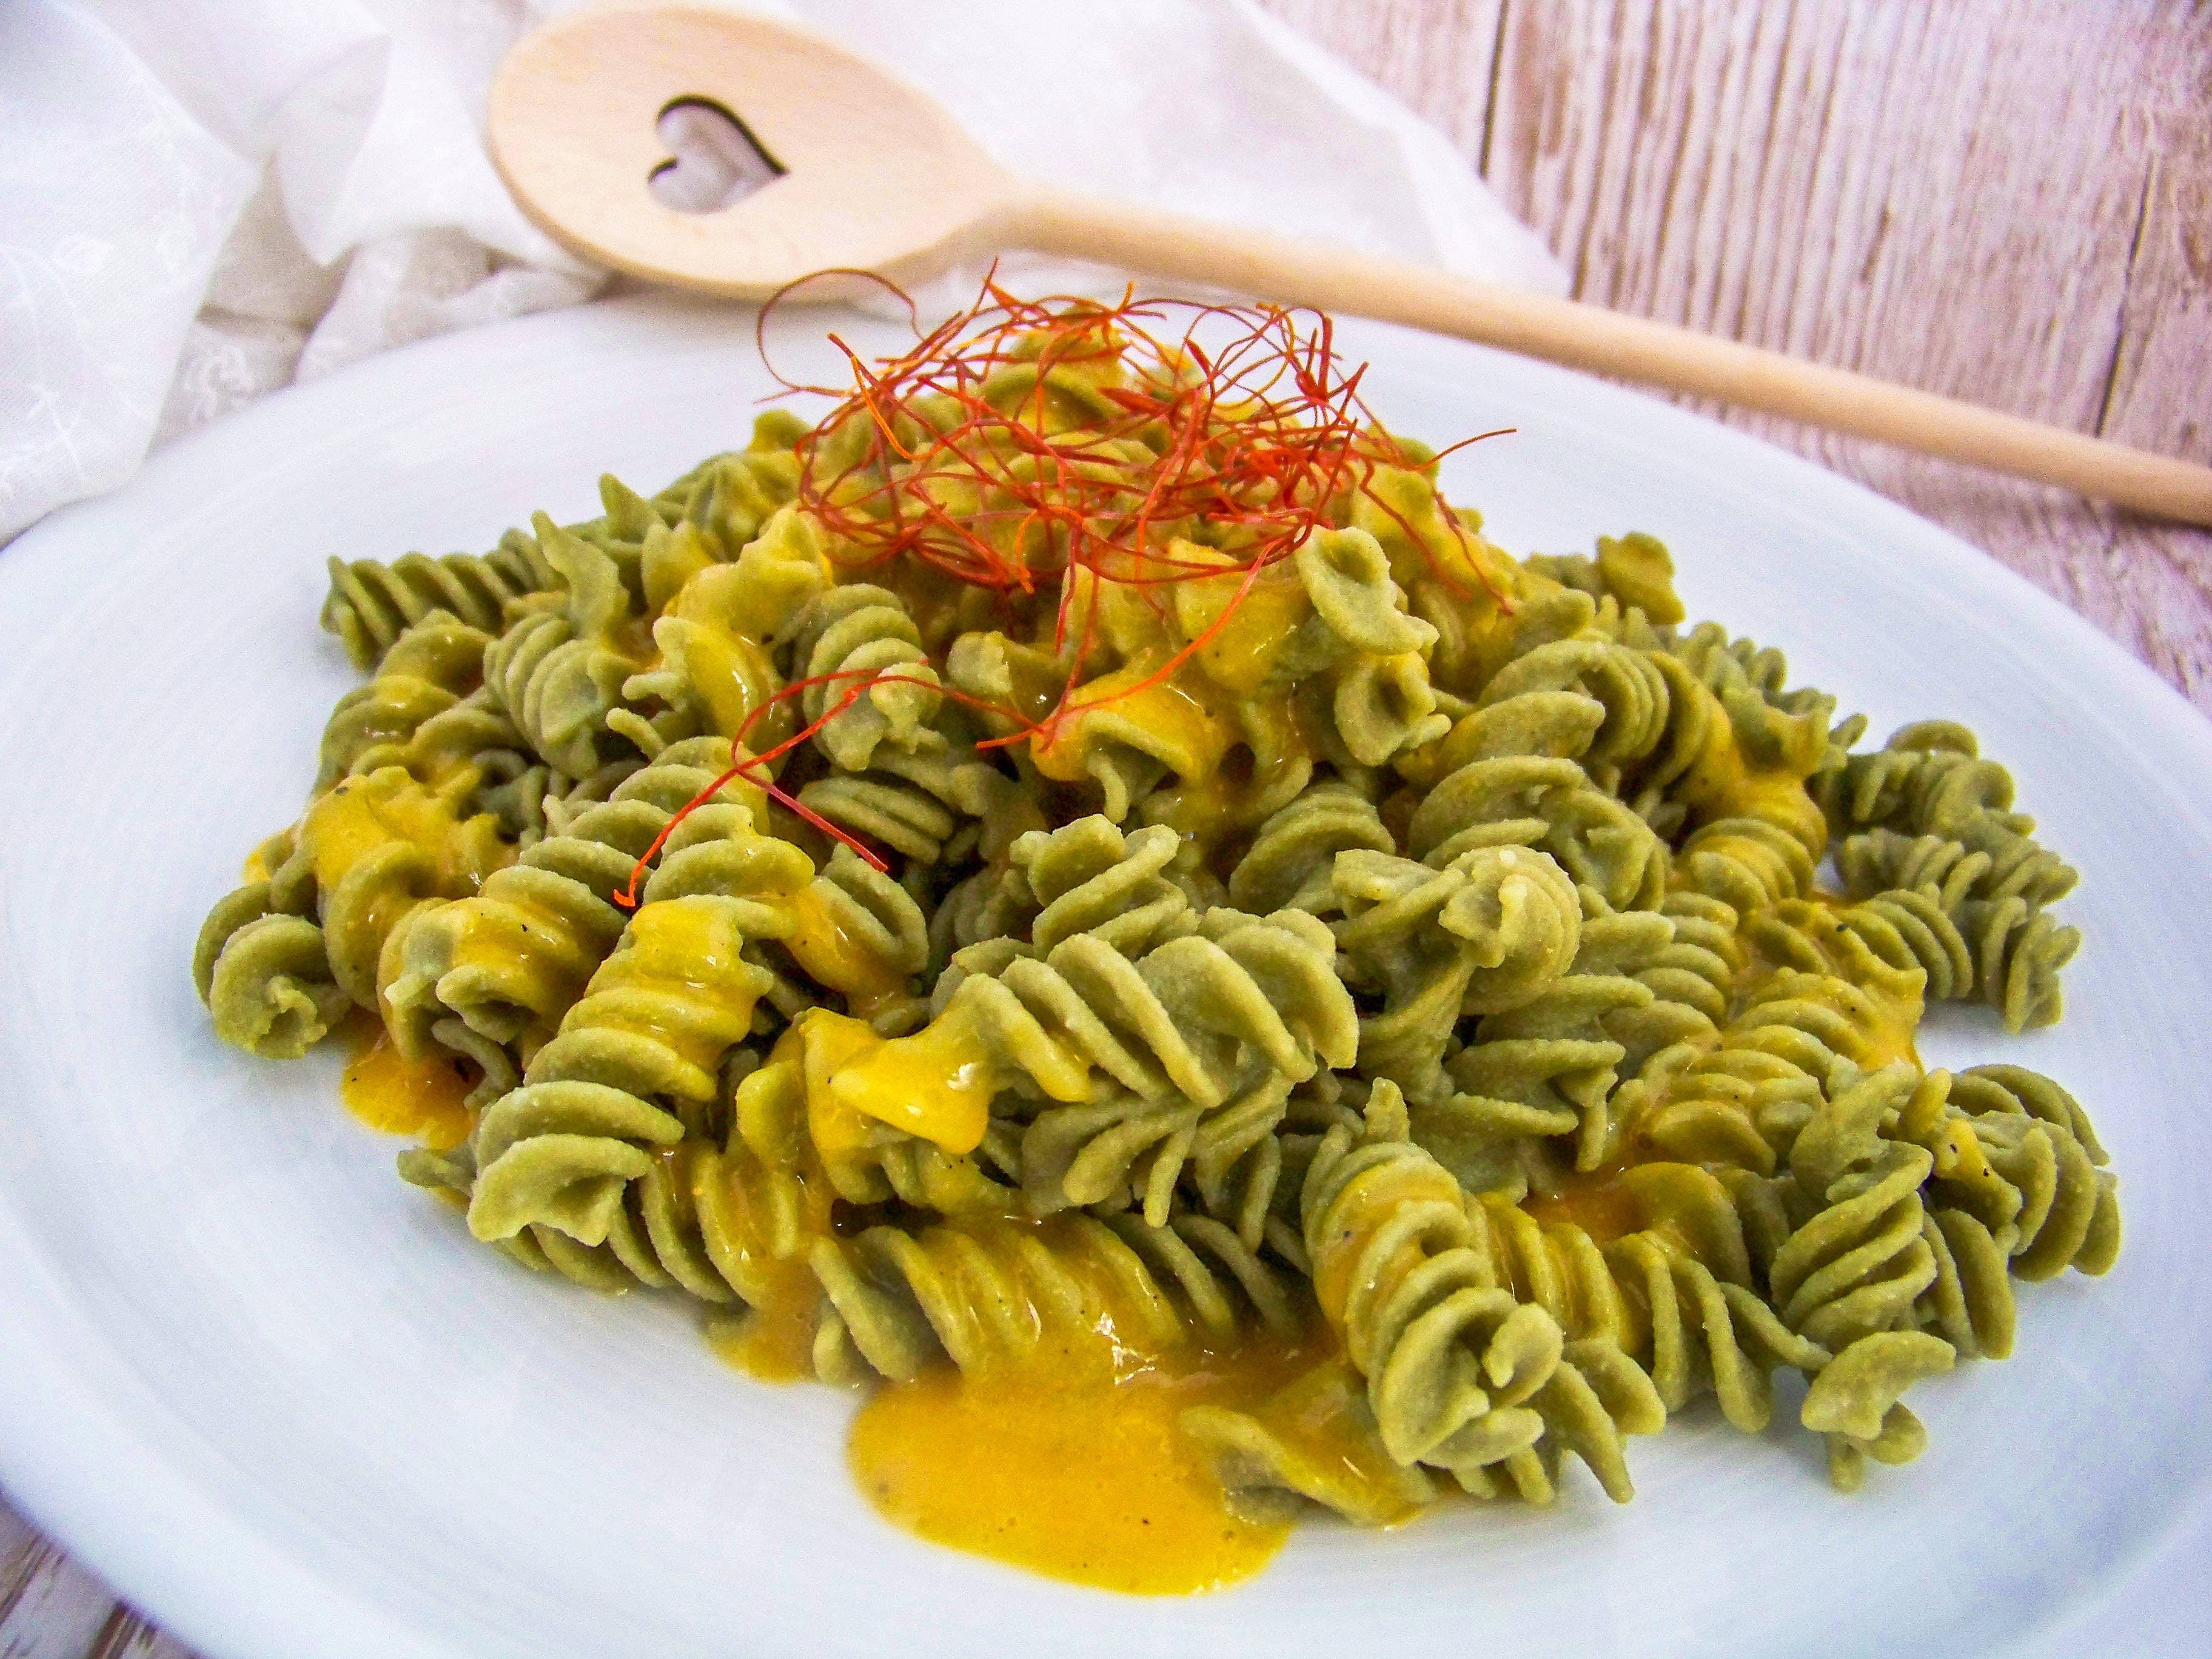 Scharfe_Mangosauce_zu_Fussilli mit Herzkochlöffel und Chlorella Nudeln